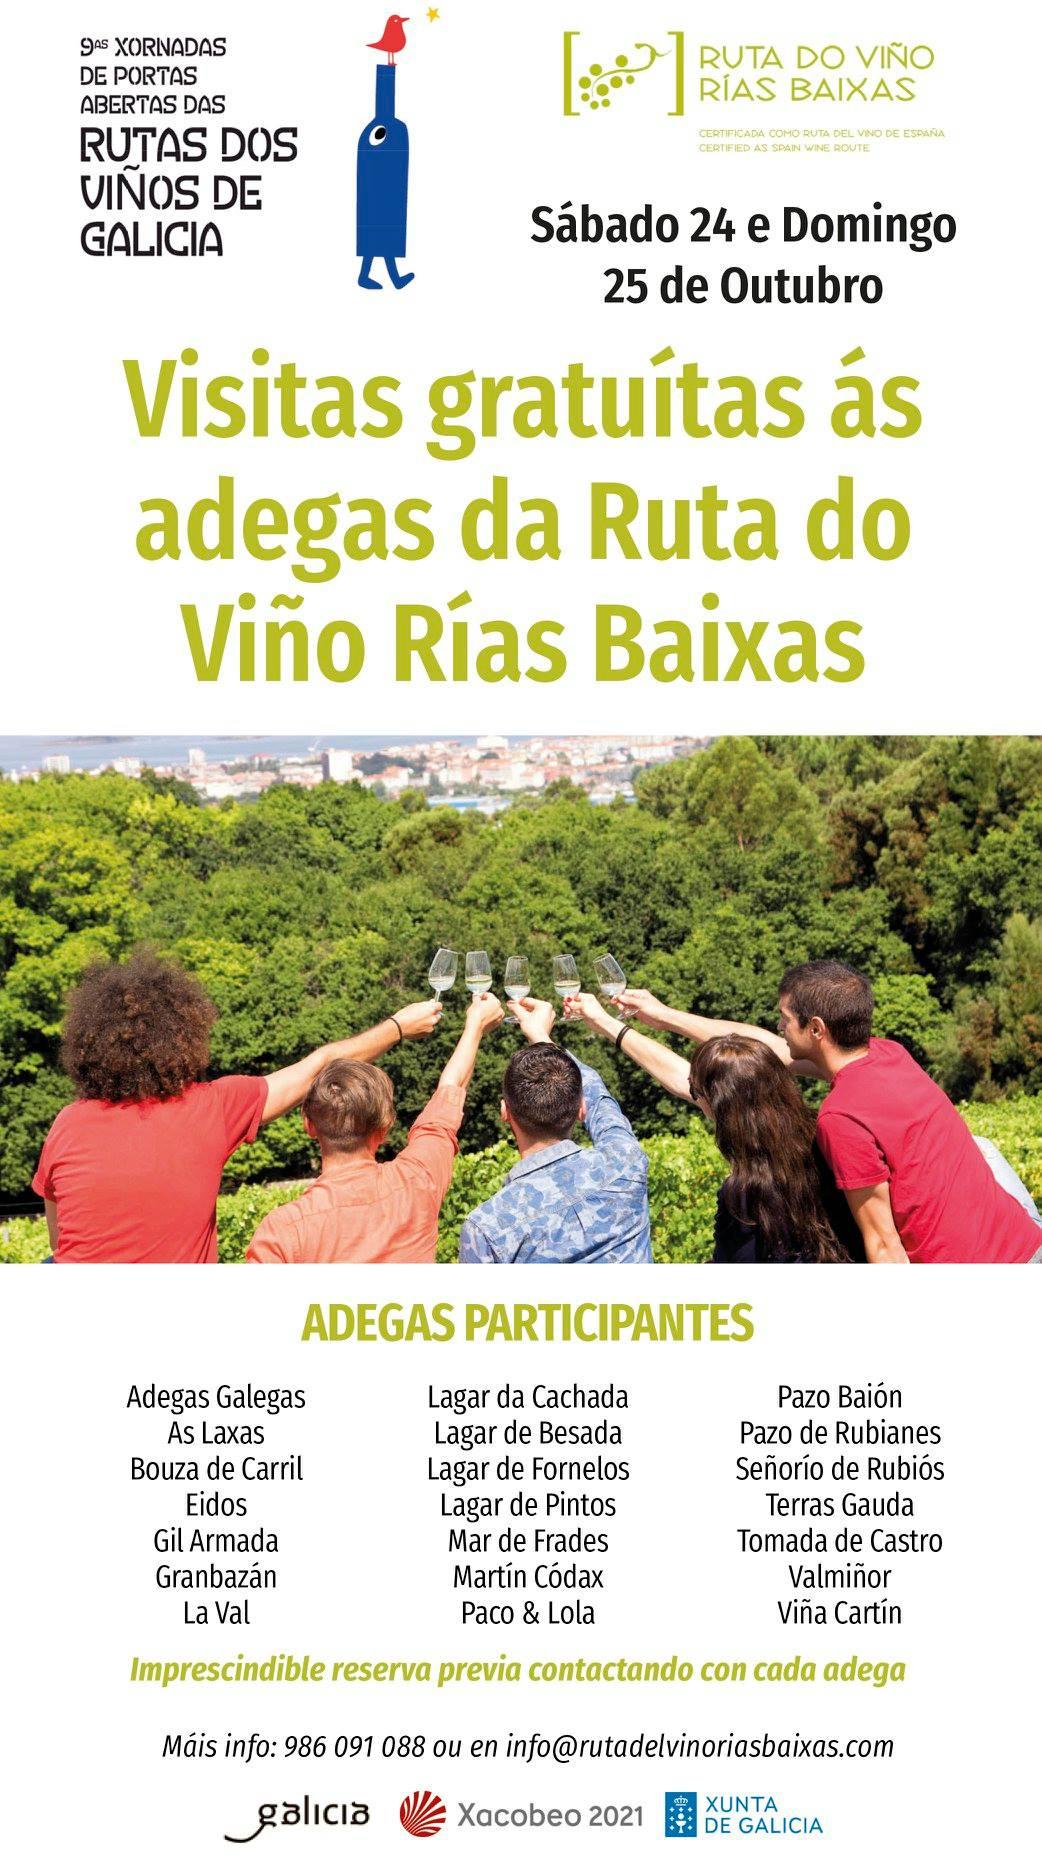 IX Jornadas de Puertas Abiertas de la Ruta do Viño Rías Baixas